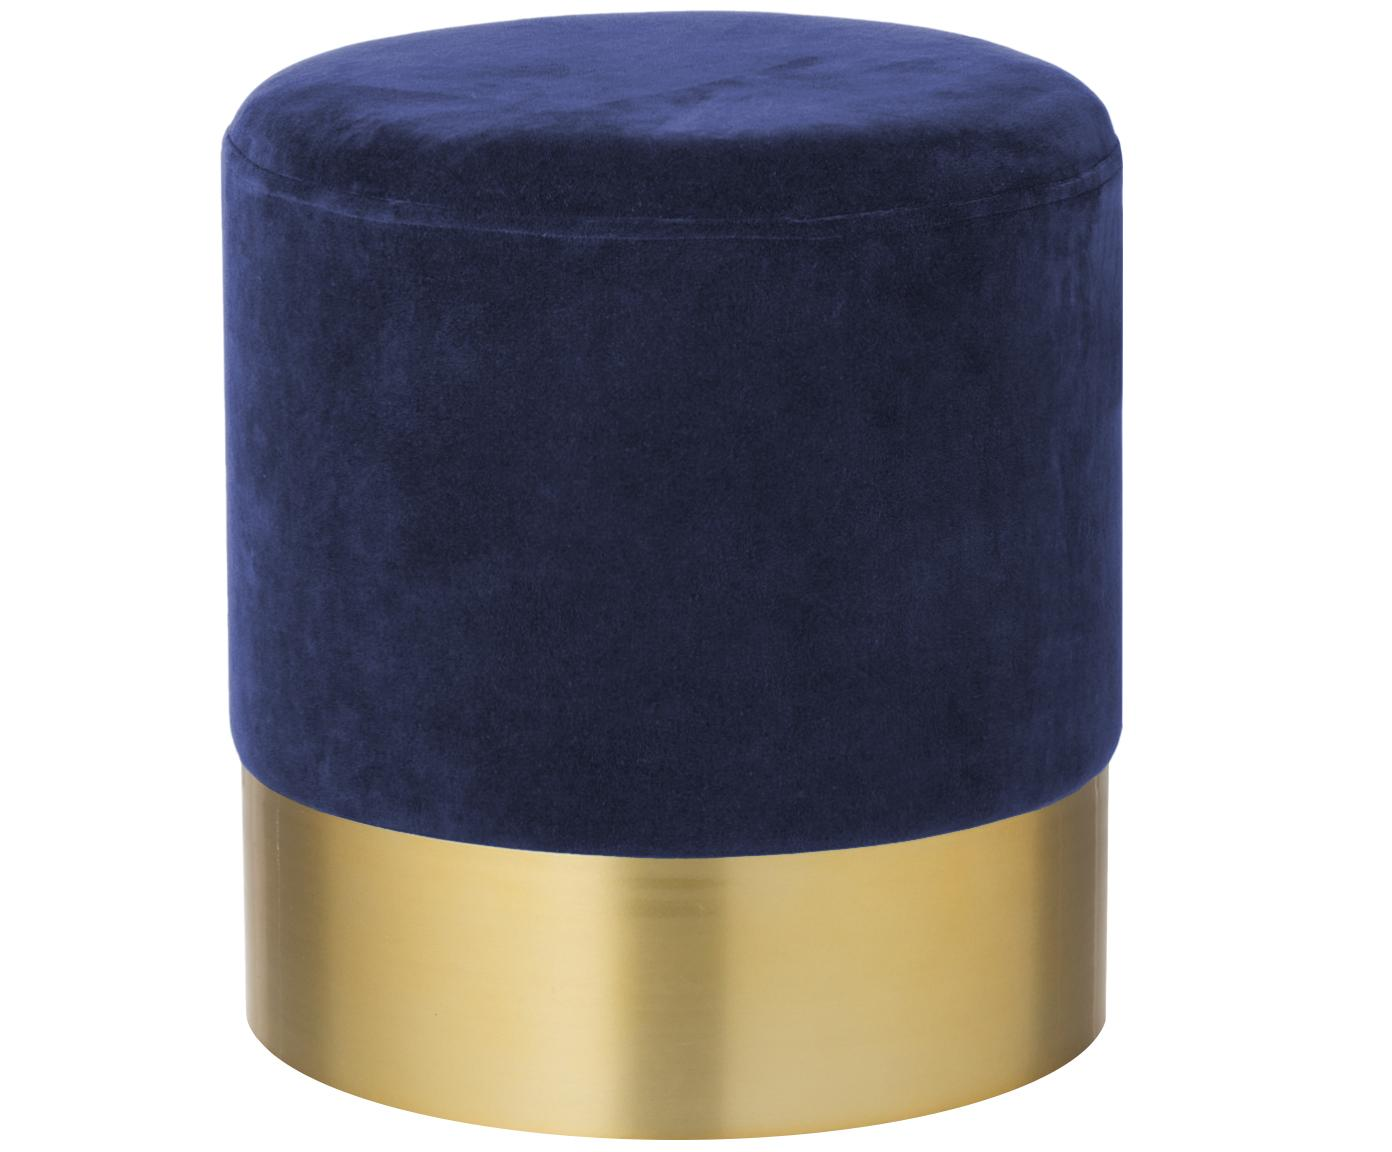 Puf de terciopelo Harlow, Tapizado: terciopelo de algodón, Azul marino, dorado, Ø 38 x Al 42 cm